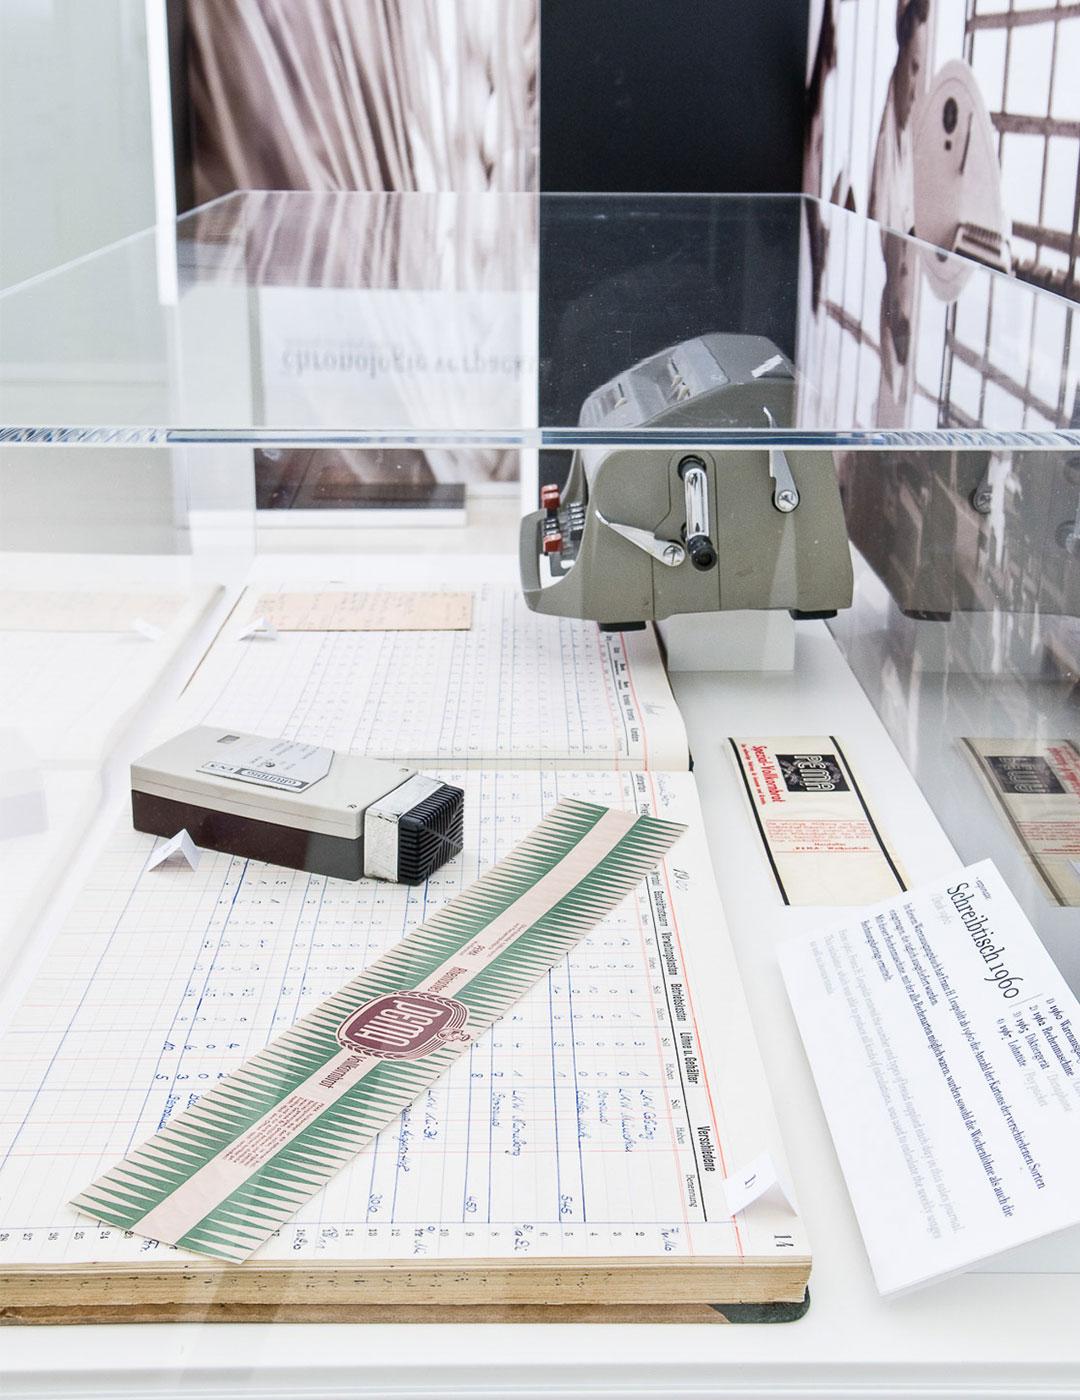 toc designstudio - Pema Firmenausstellung - dynamisches Ausstellungskonzept